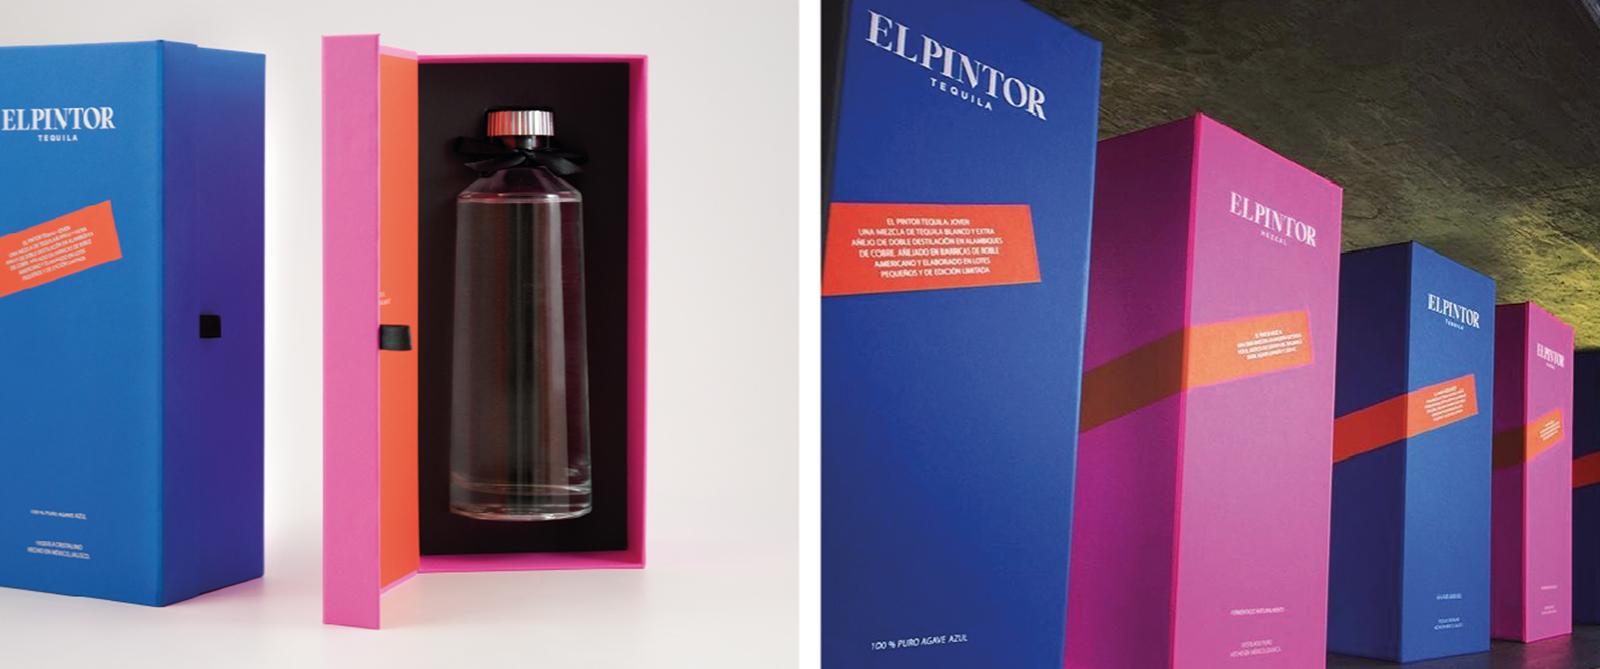 Specialty Products fabrica llamativo empaque para tequila y mezcal EL PINTOR